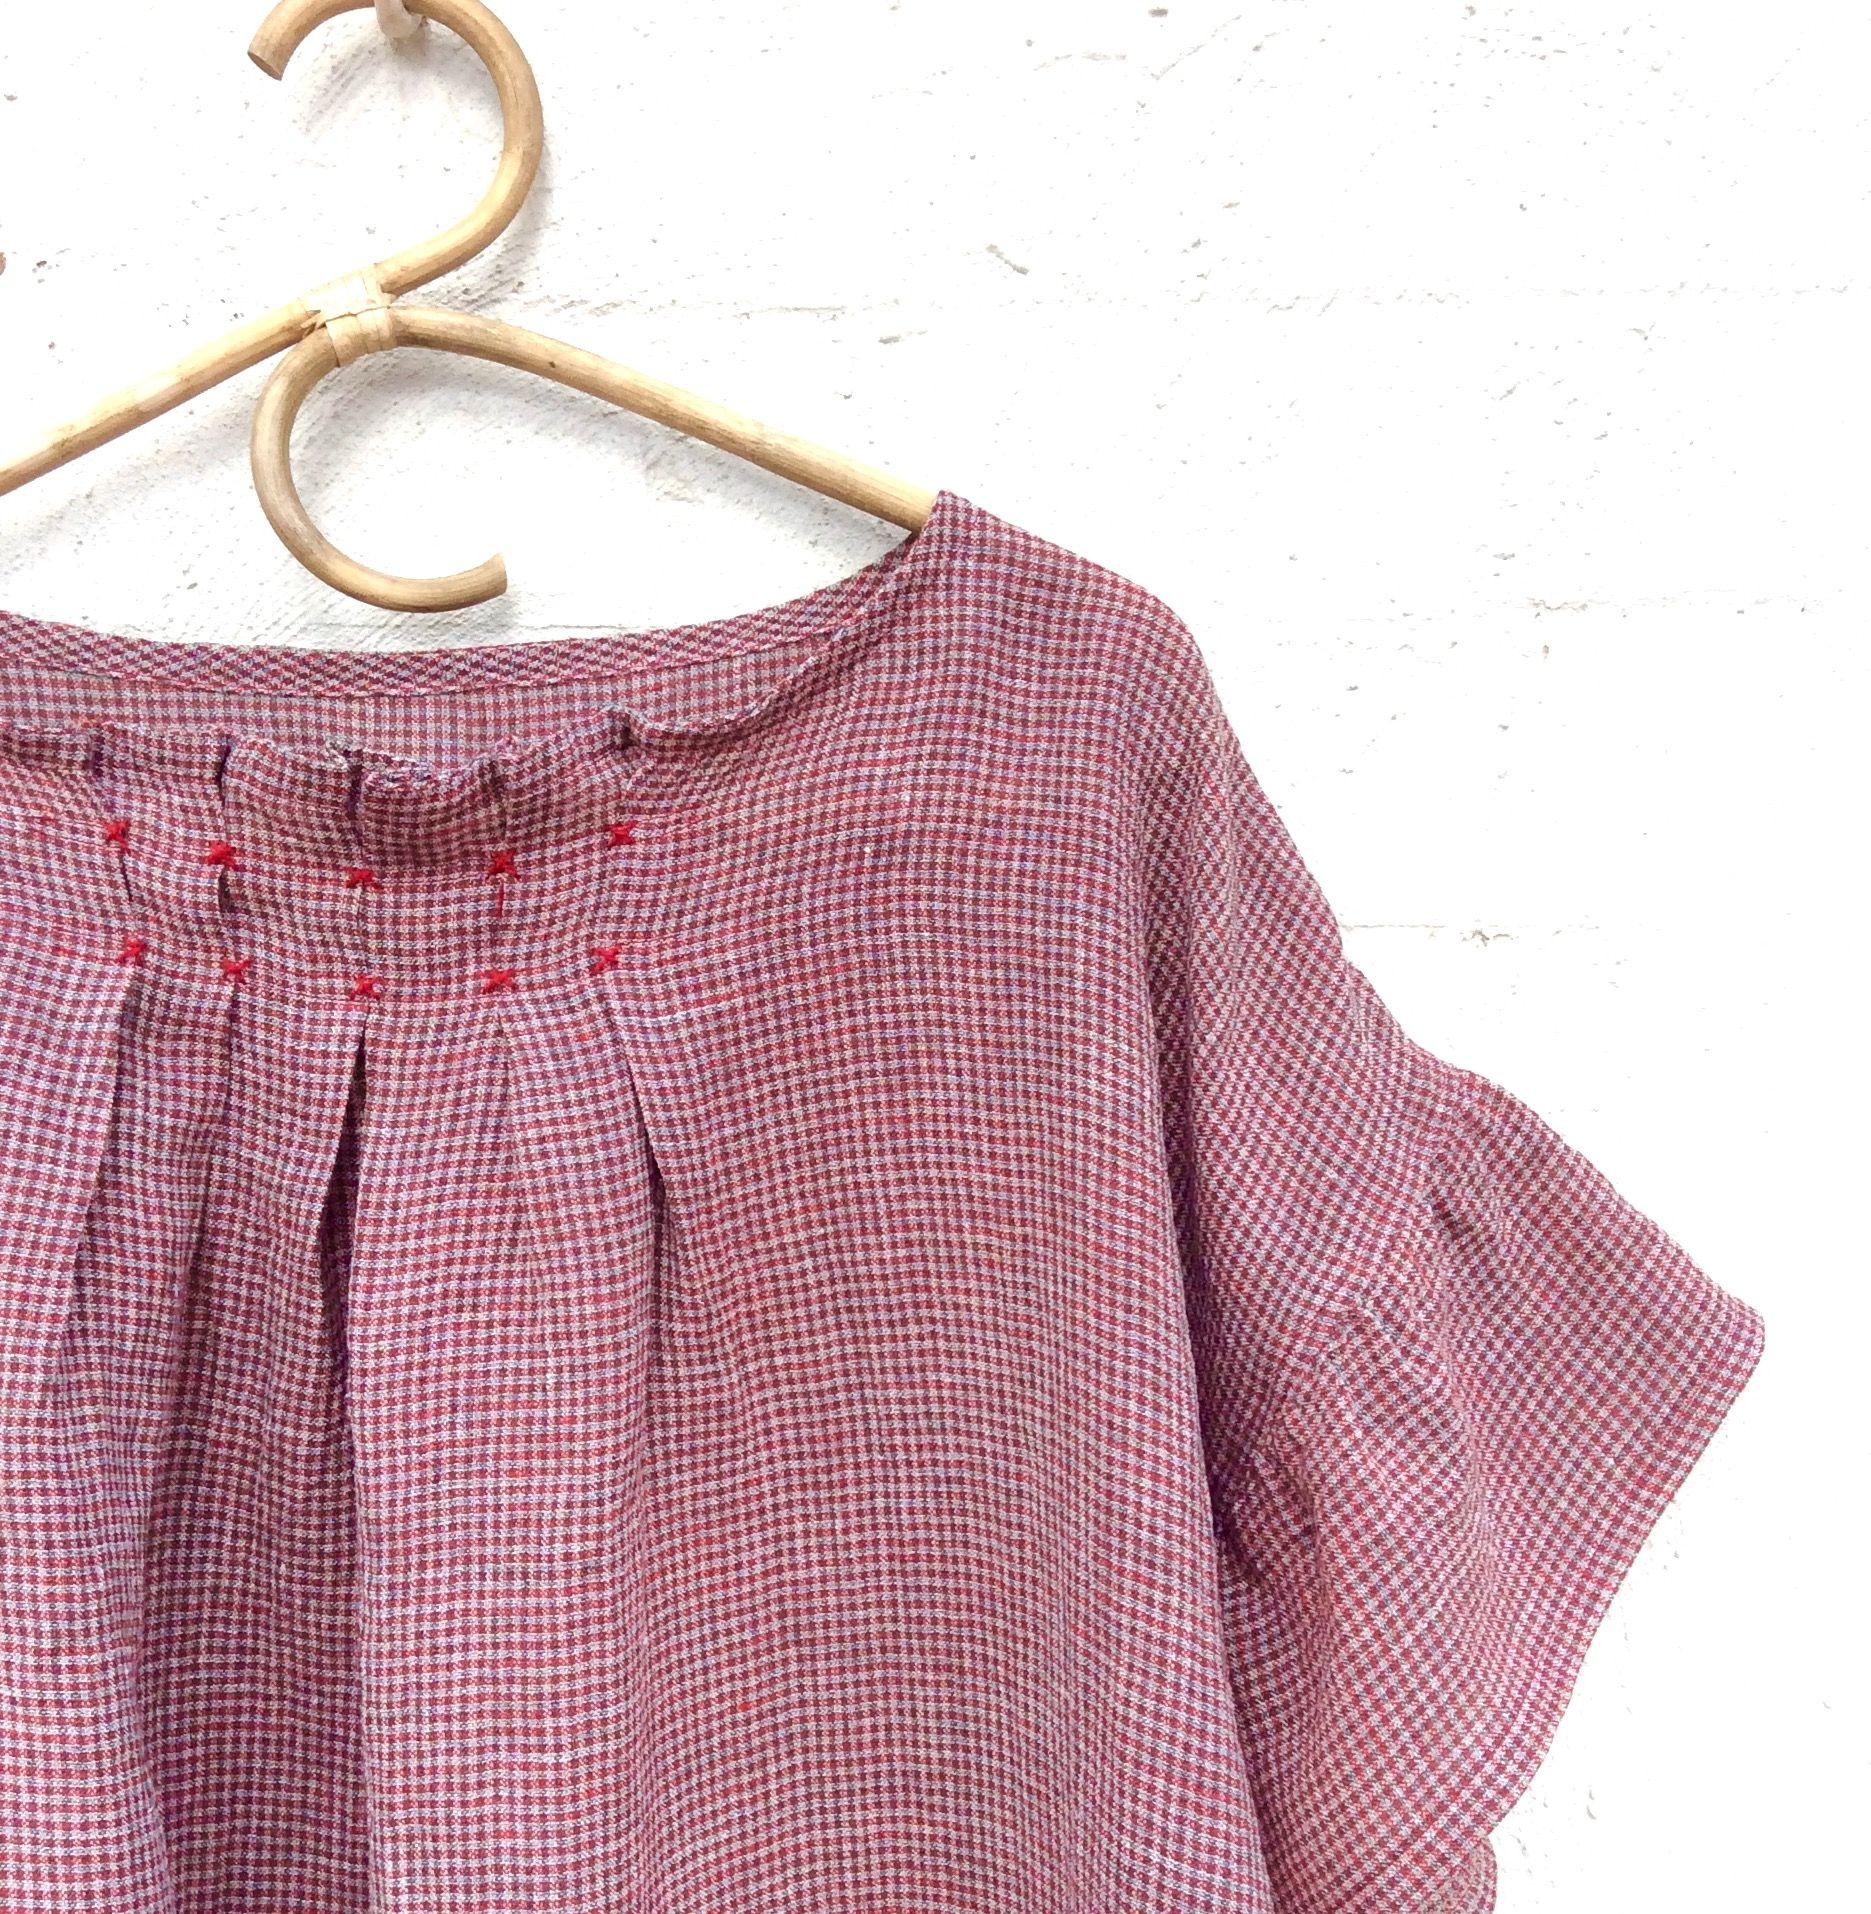 Pattern A From Stylish Dress Book By Yoshiko Tsukiori In Cotton Linen Blend Stylish Dress Book Linen Dress Pattern Stylish Dresses